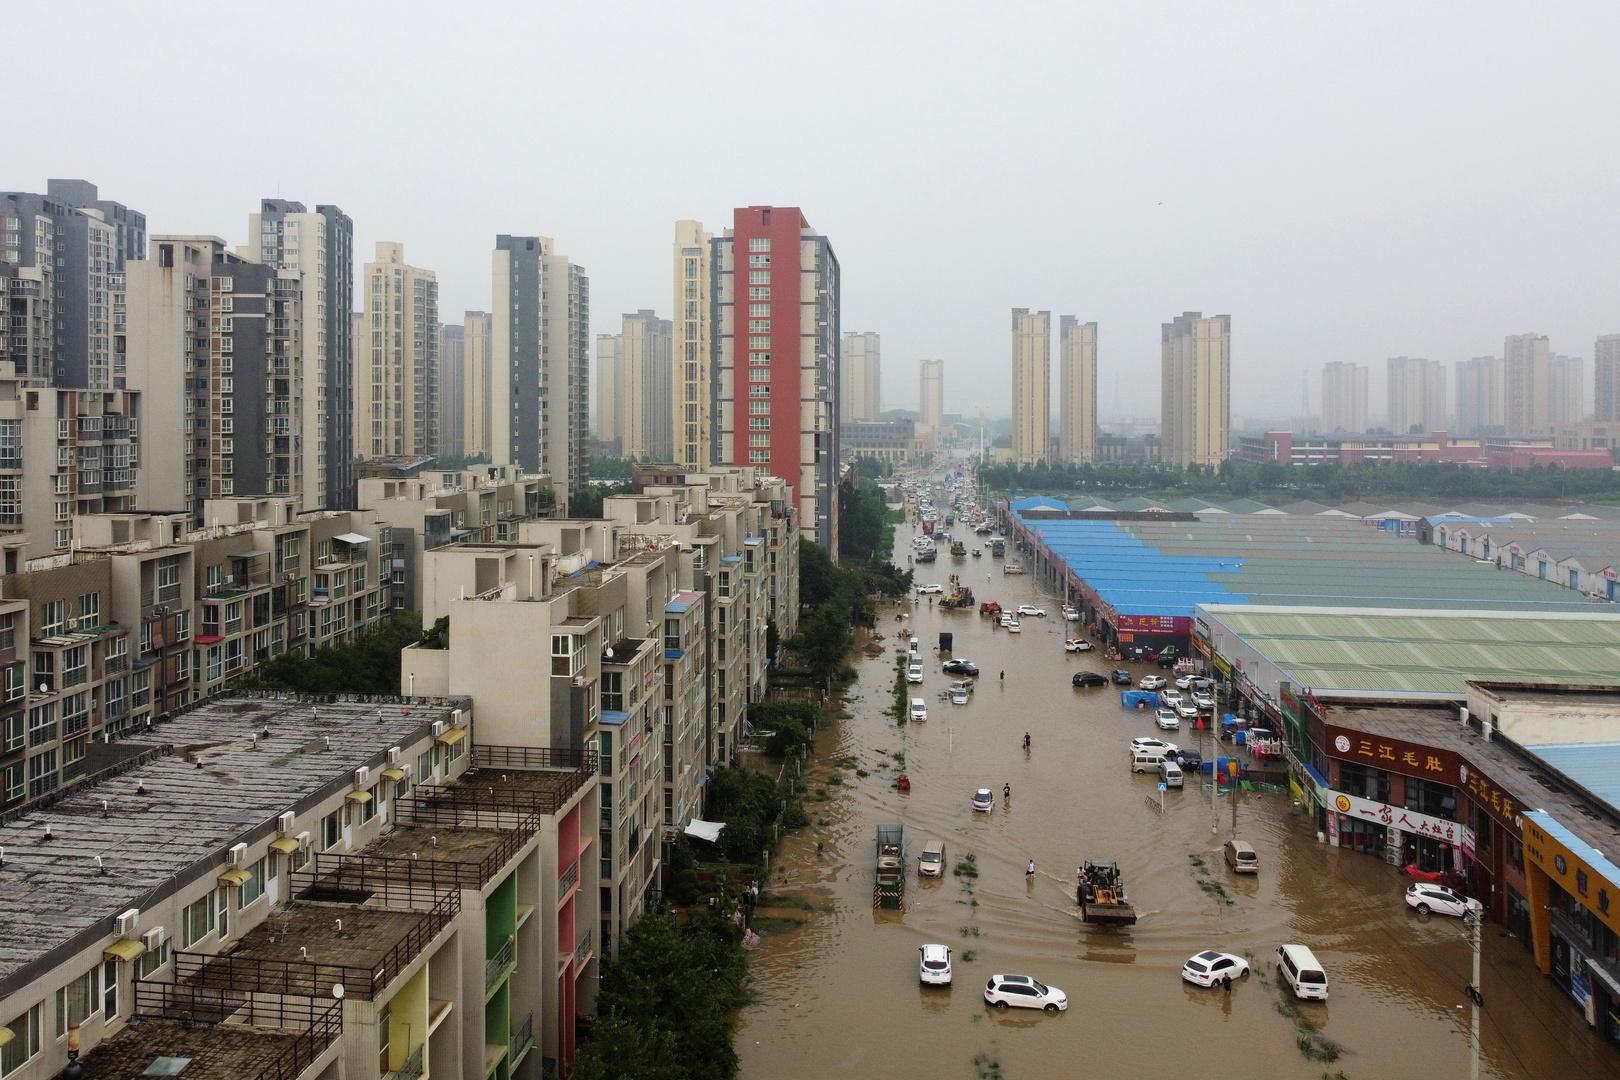 ارتفاع حصيلة ضحايا الفيضانات في مقاطعة خنان الصينية